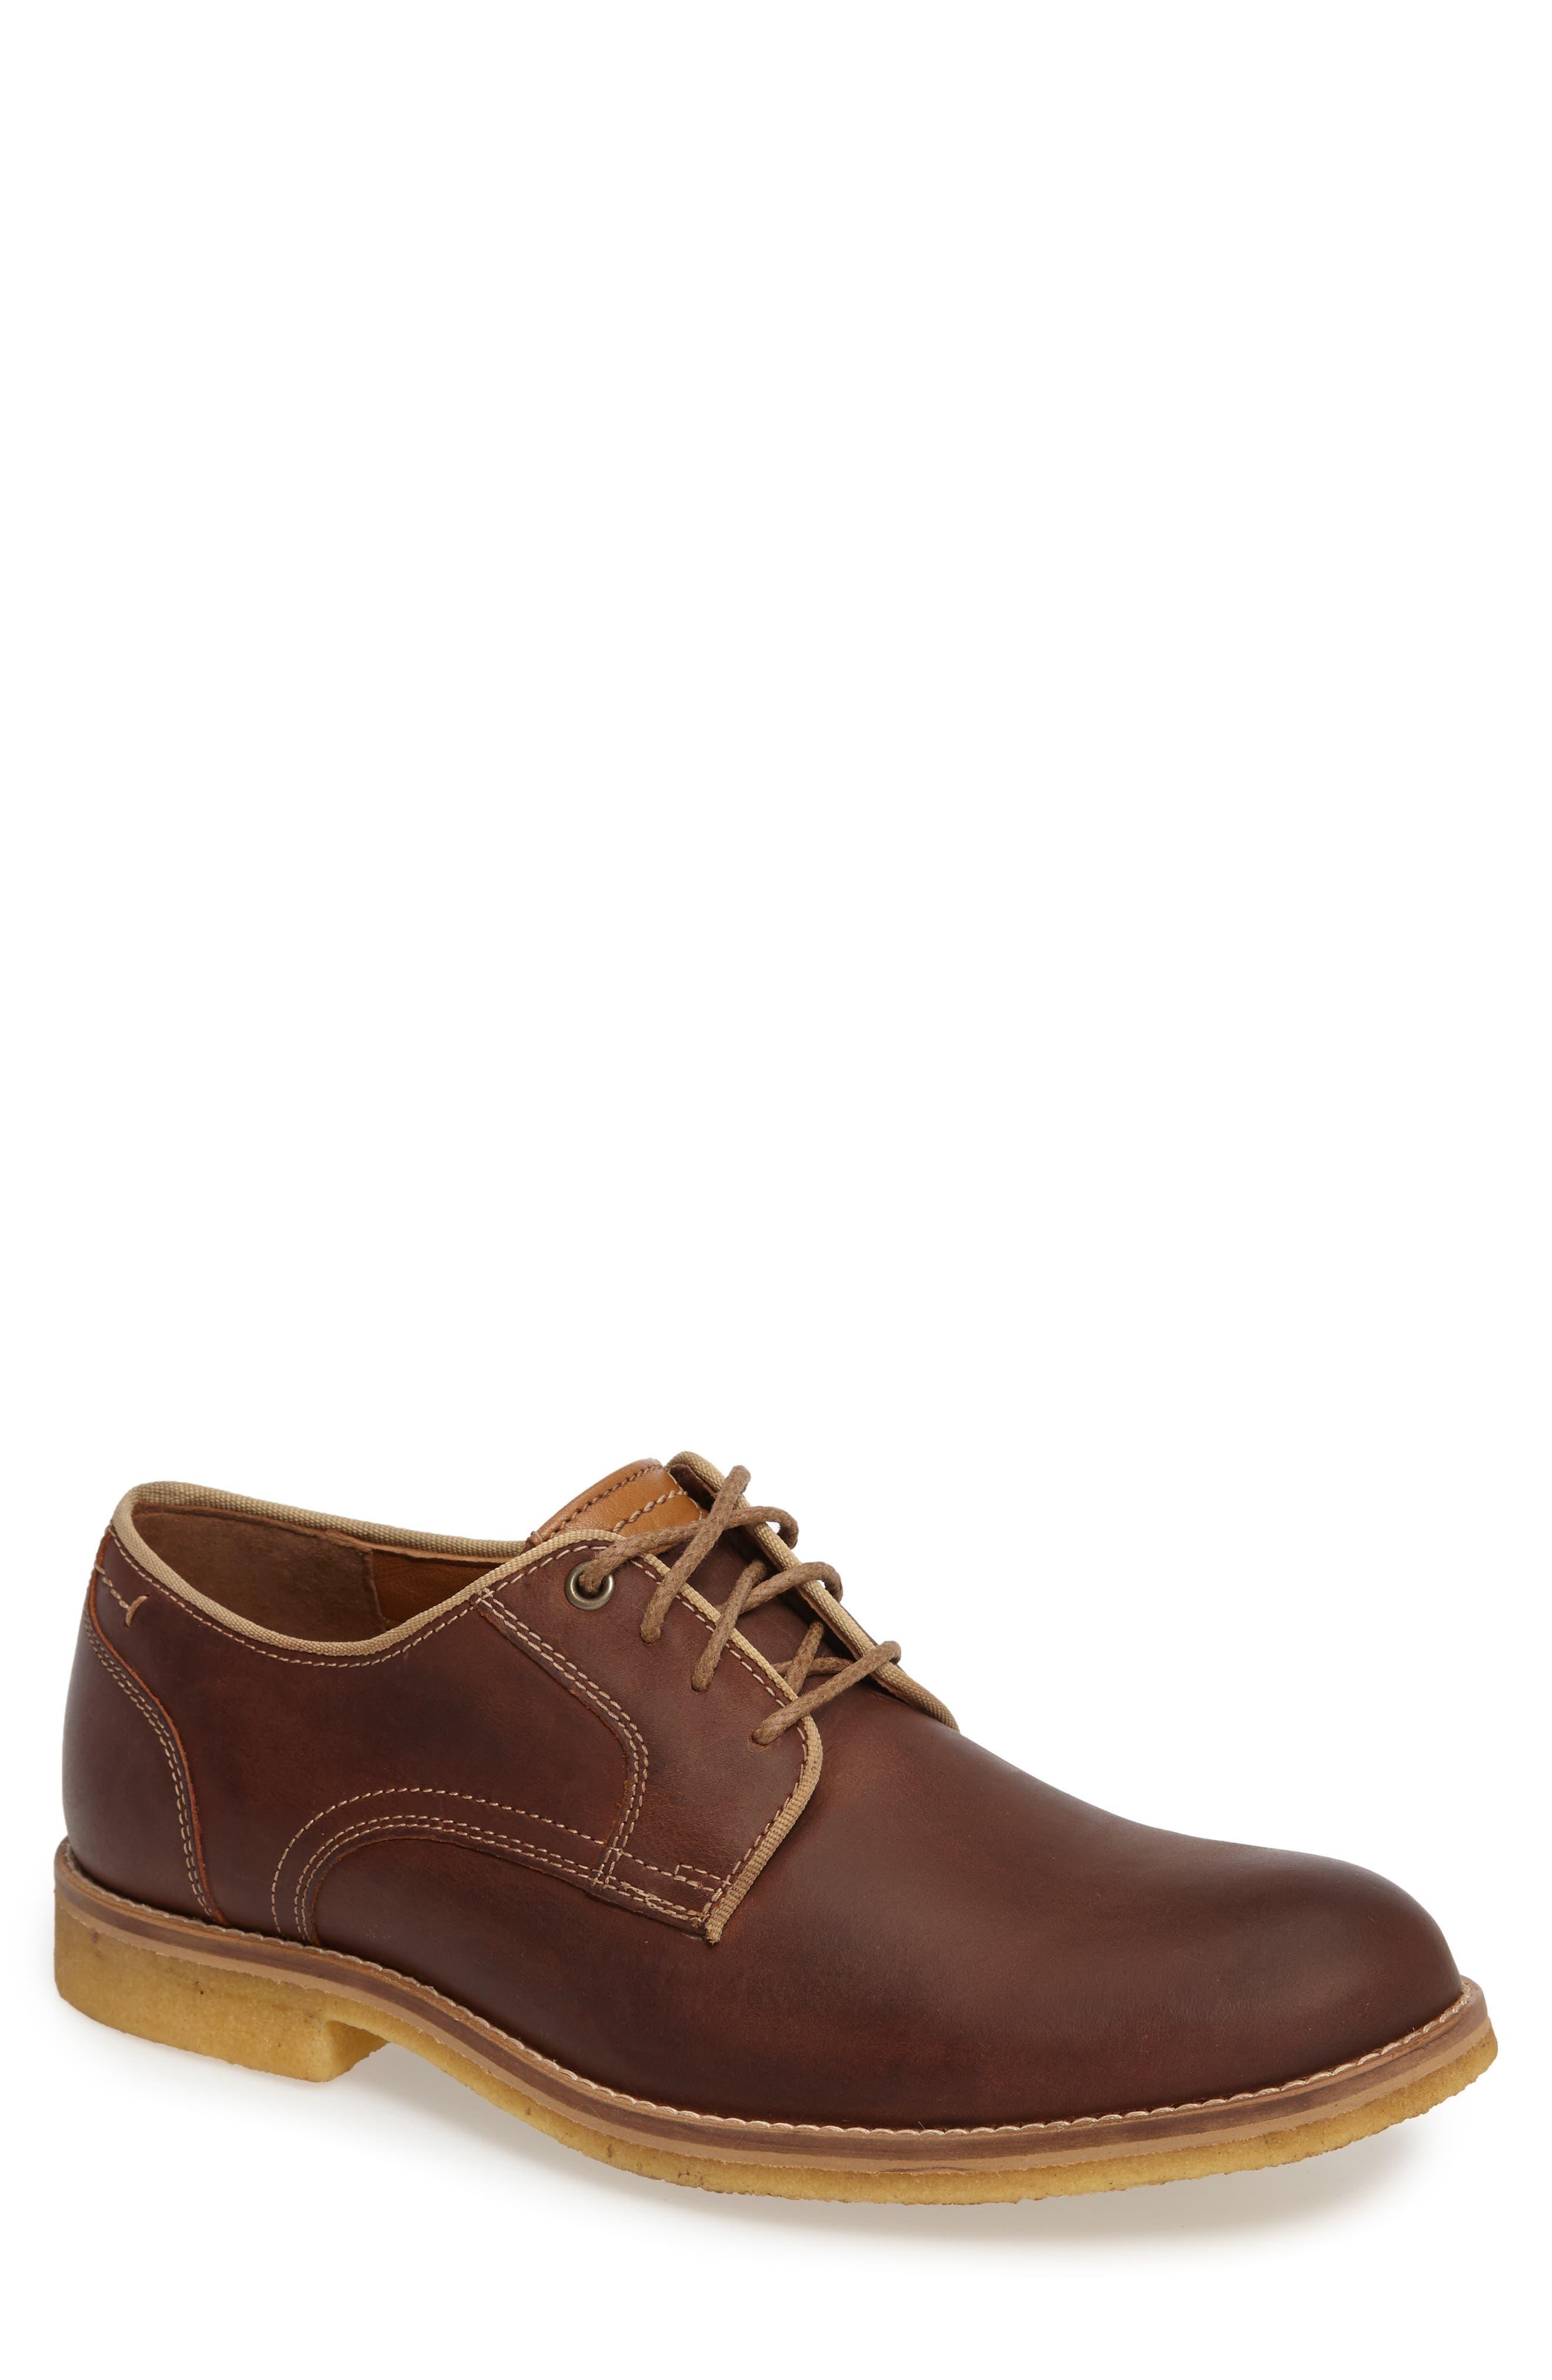 Alternate Image 1 Selected - J&M 1850 Howell Plain Toe Derby (Men)